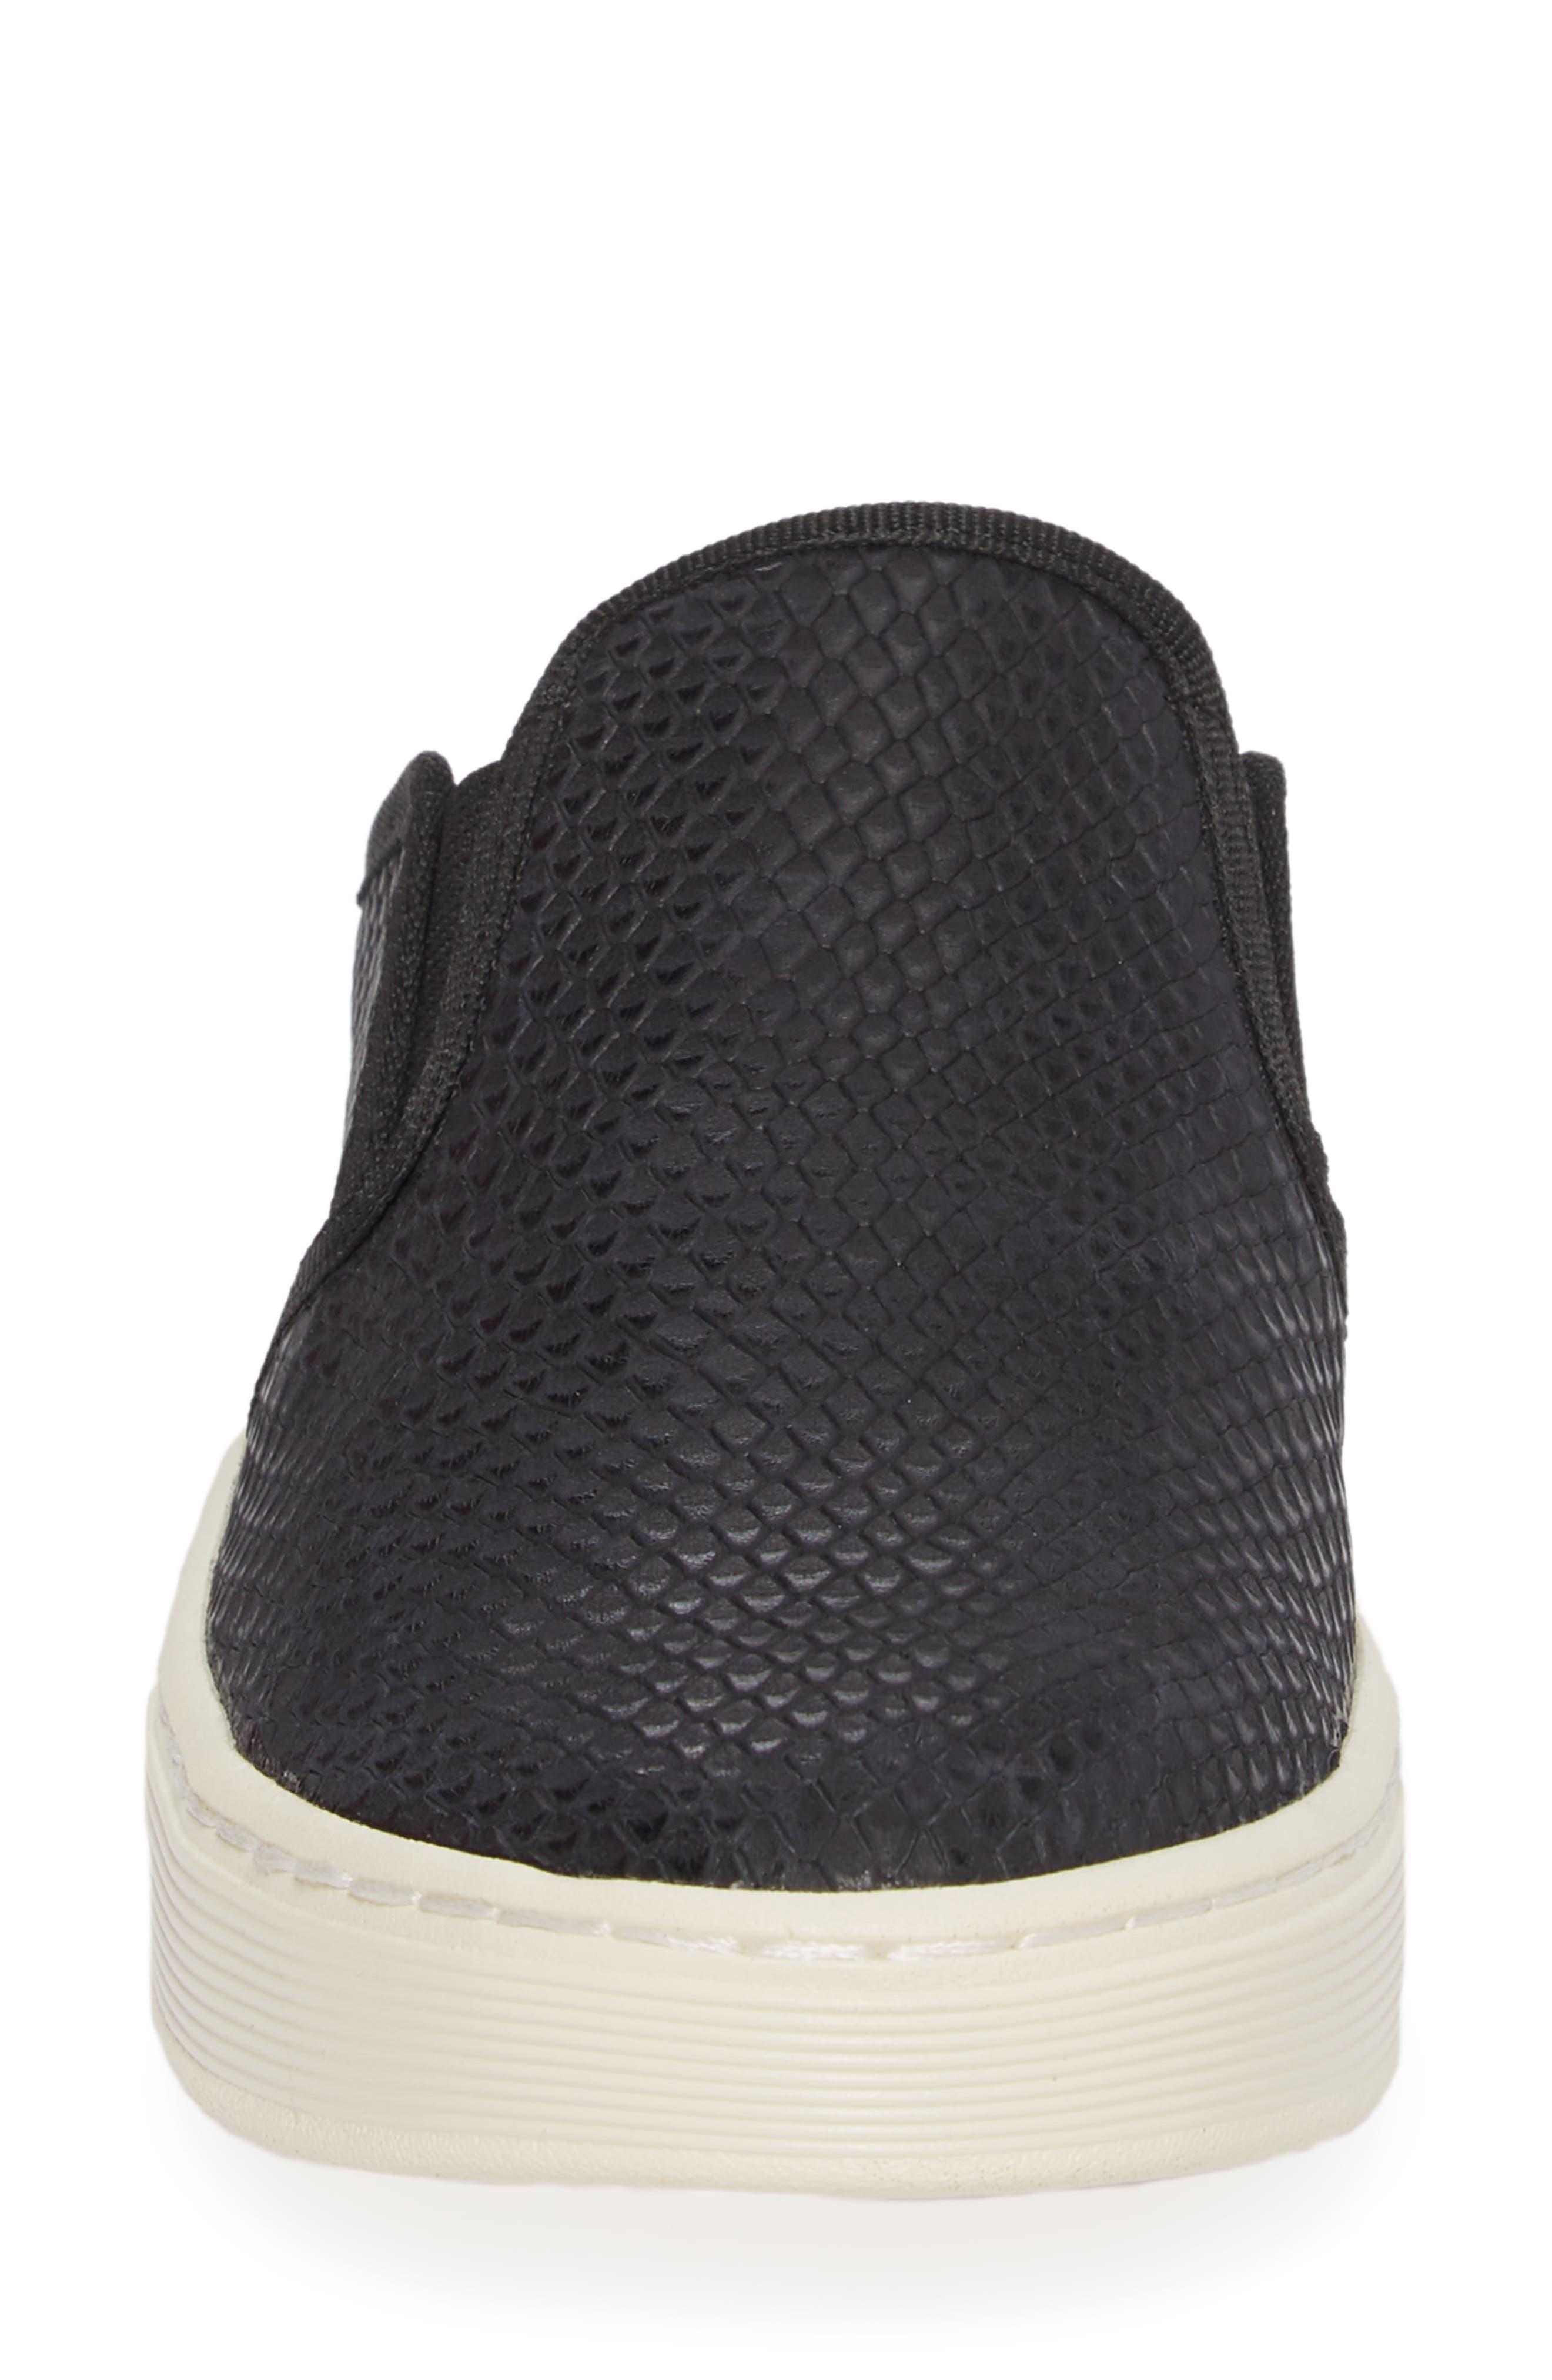 Somers Slip-On Sneaker,                             Alternate thumbnail 4, color,                             001